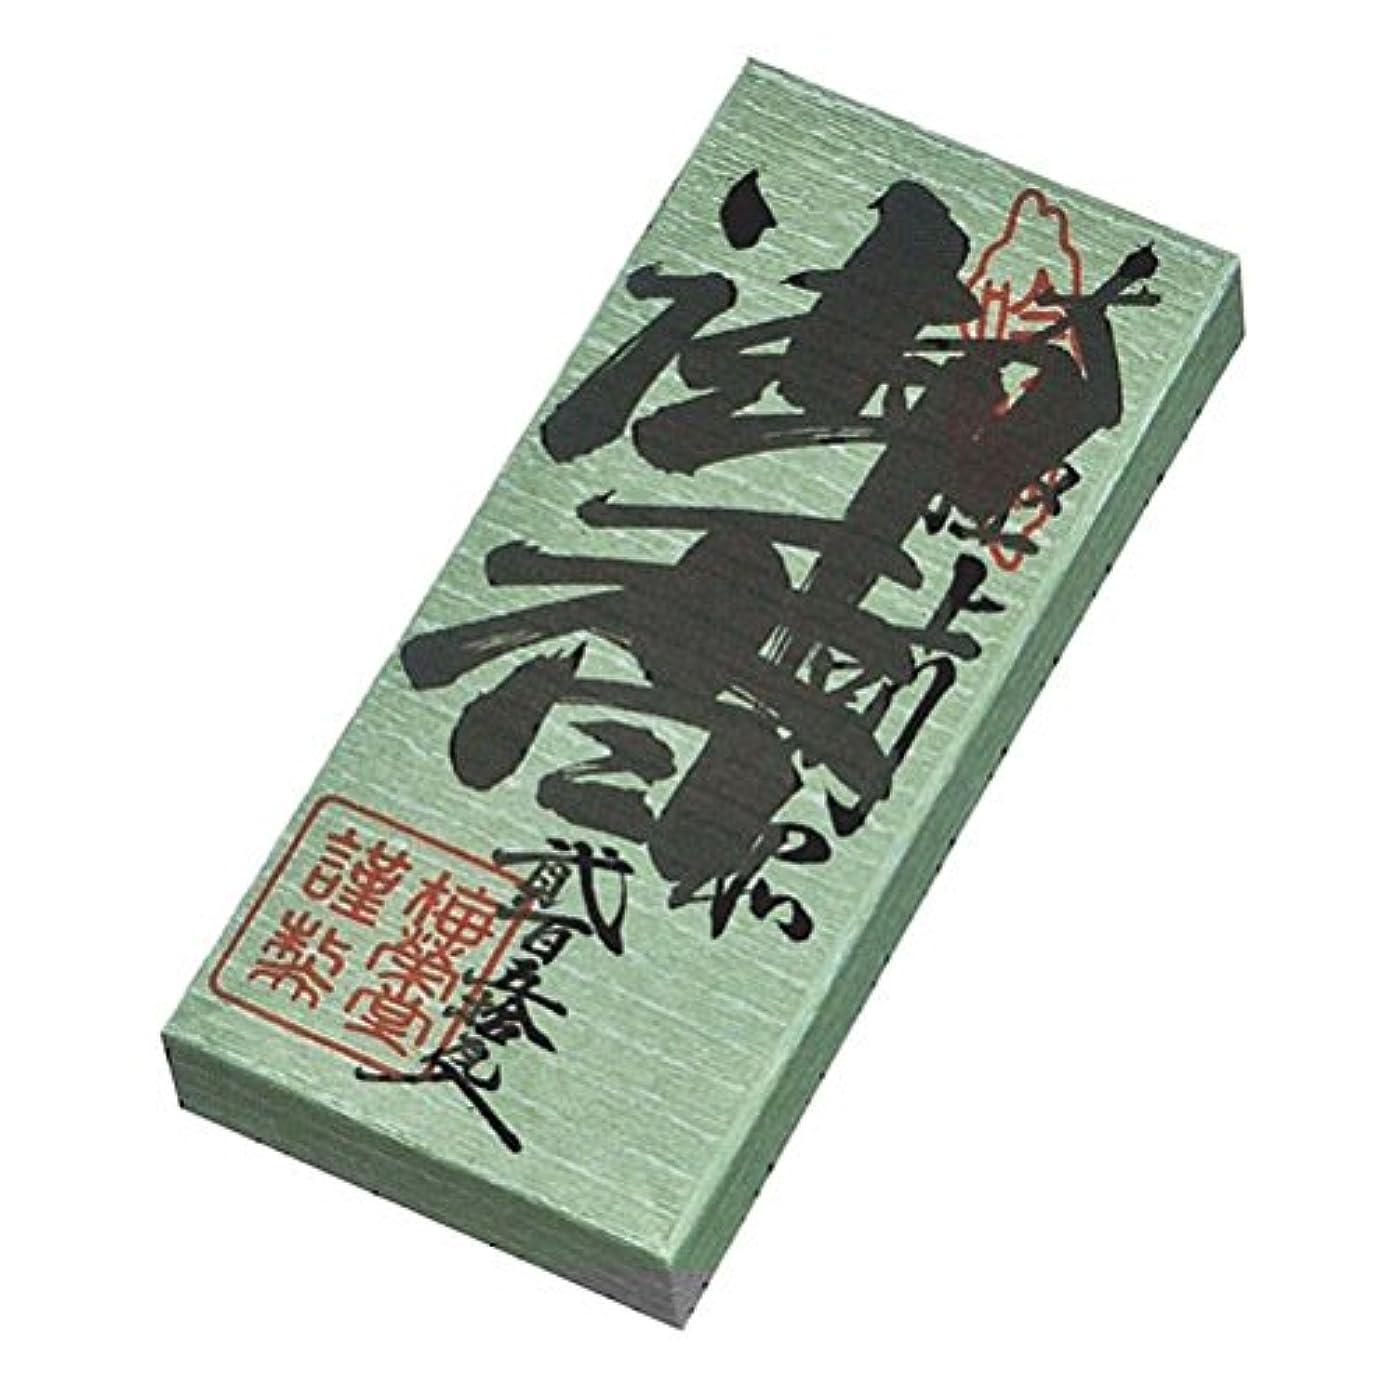 ワイヤー純粋に冷笑する好薫印 250g 紙箱入り お焼香 梅栄堂